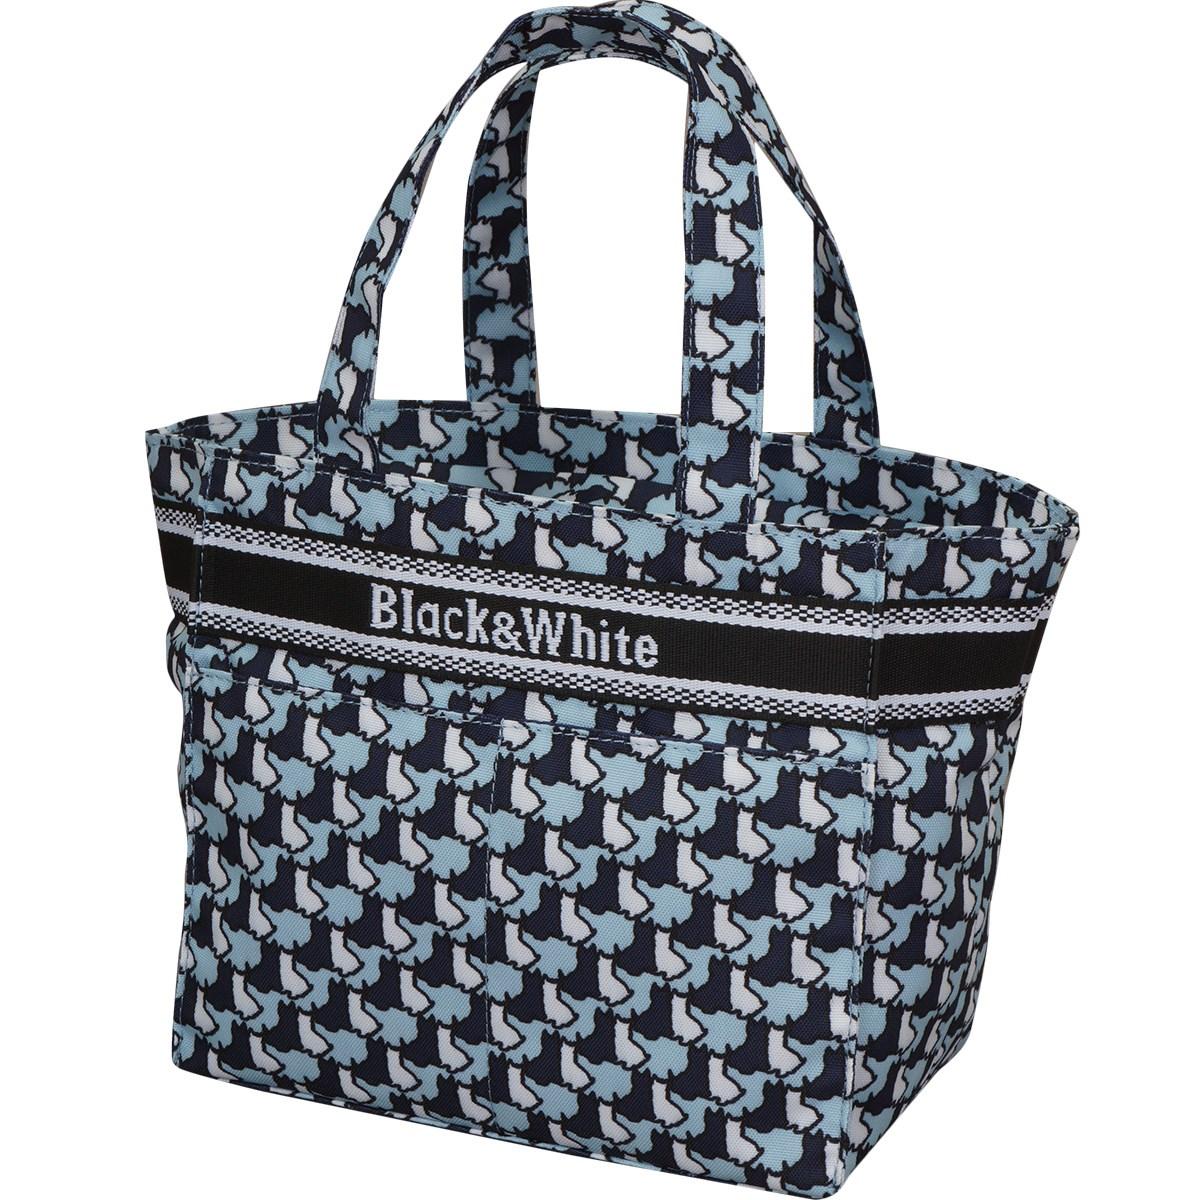 ブラック&ホワイト カートバッグレディス